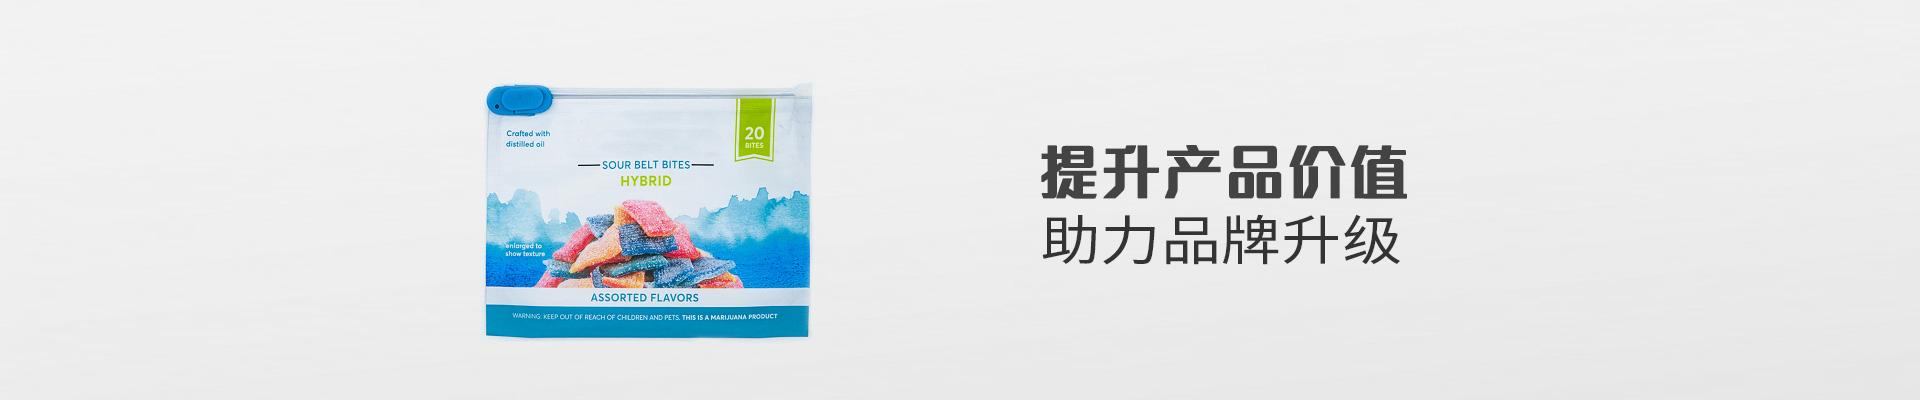 日山红助您提升产品价值 助力品牌升级